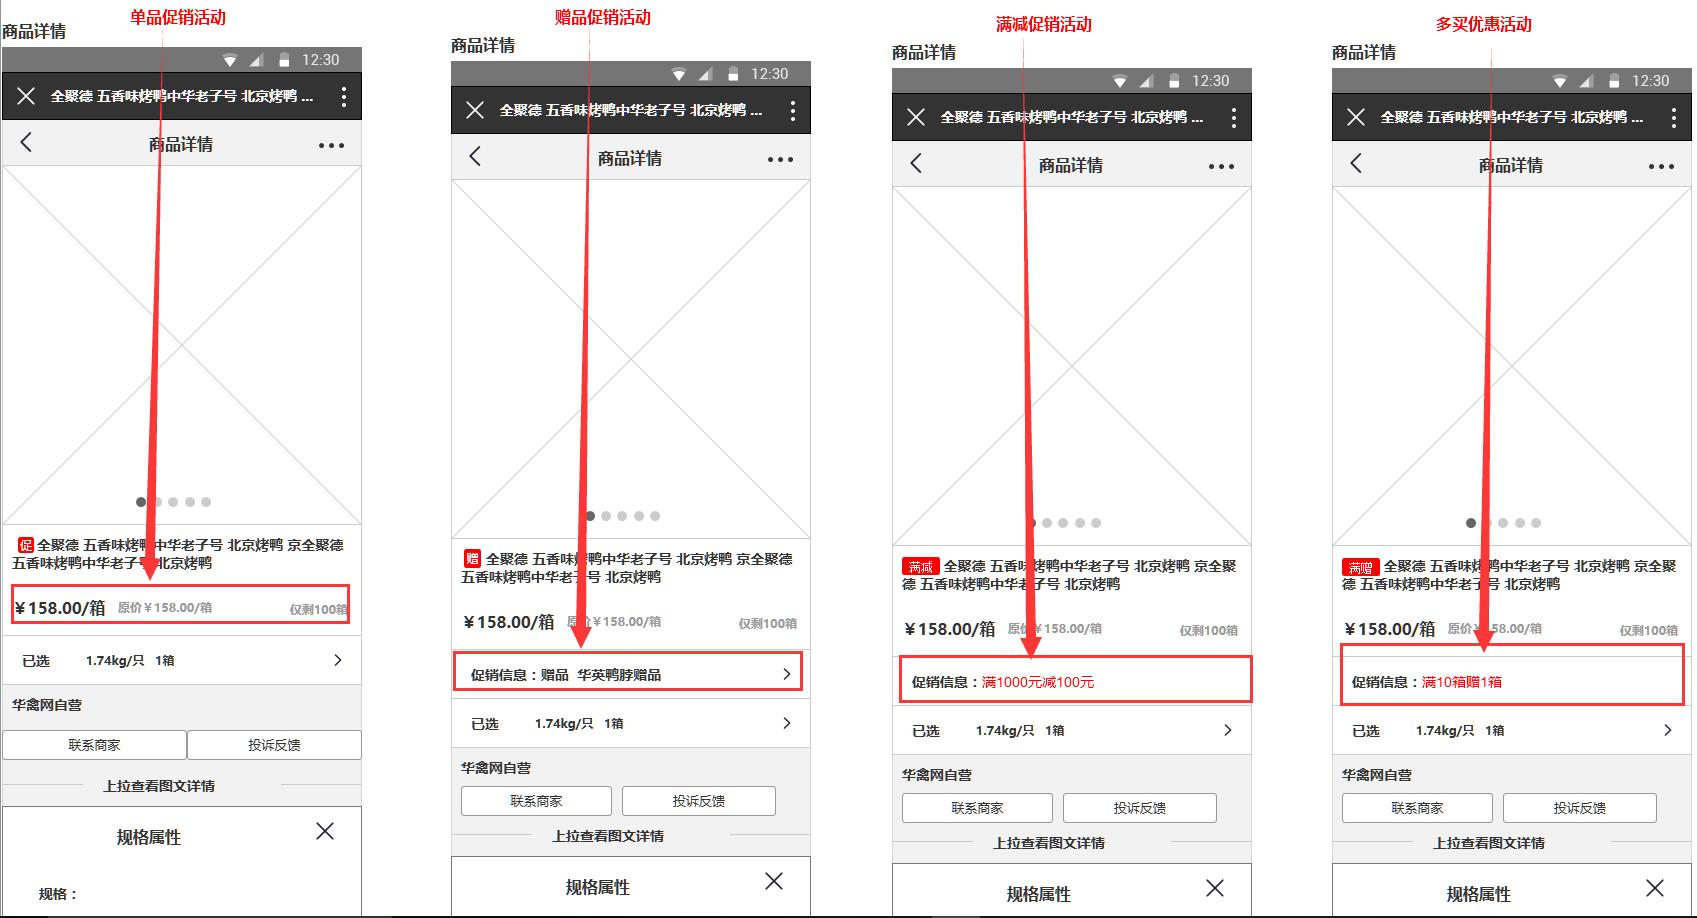 手机端商品详情页